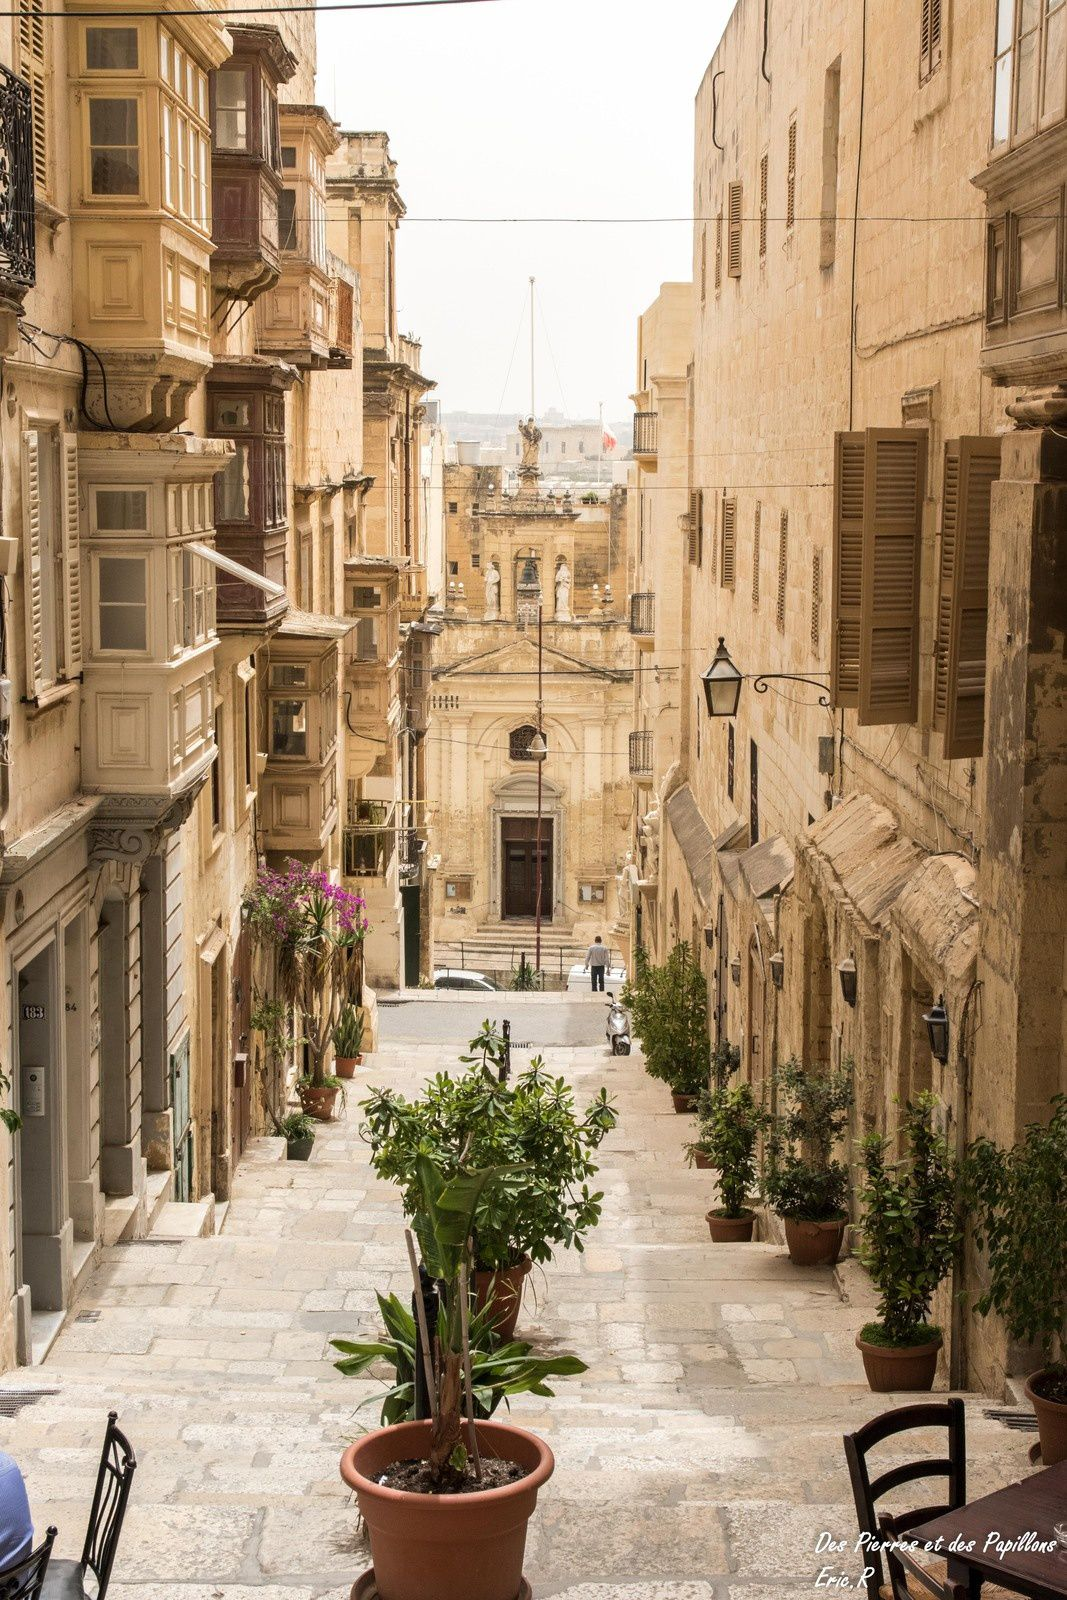 Vues de ruelles, des immeubles et des remparts dans La Valette